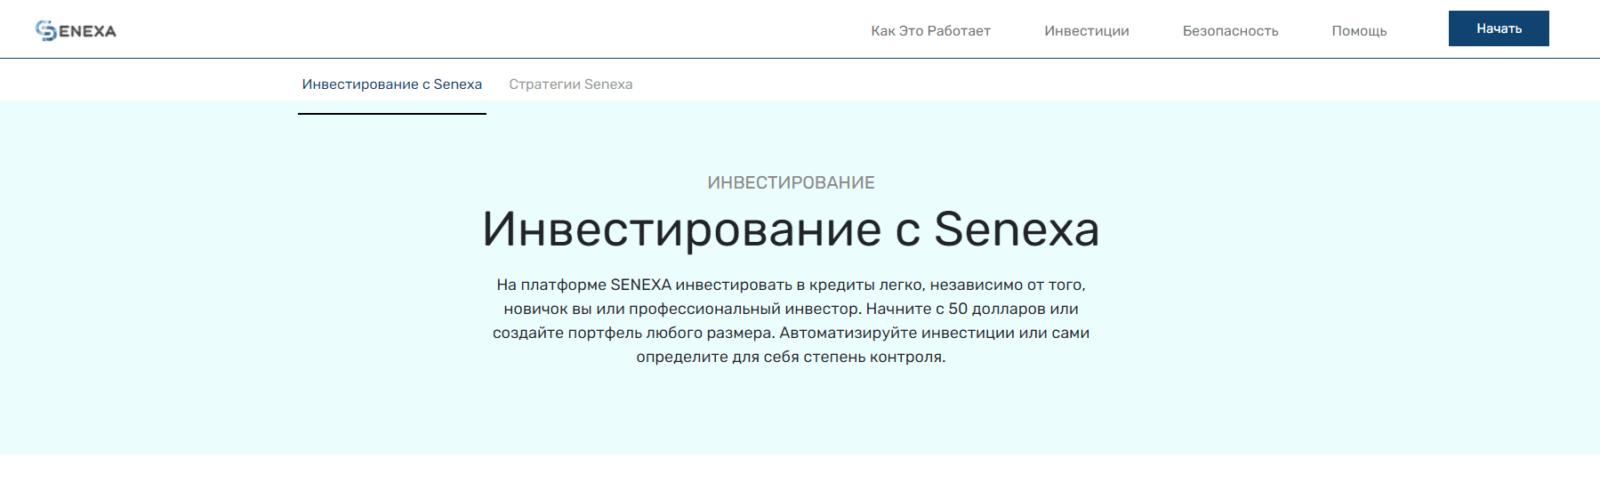 Инвестирование с Senexa